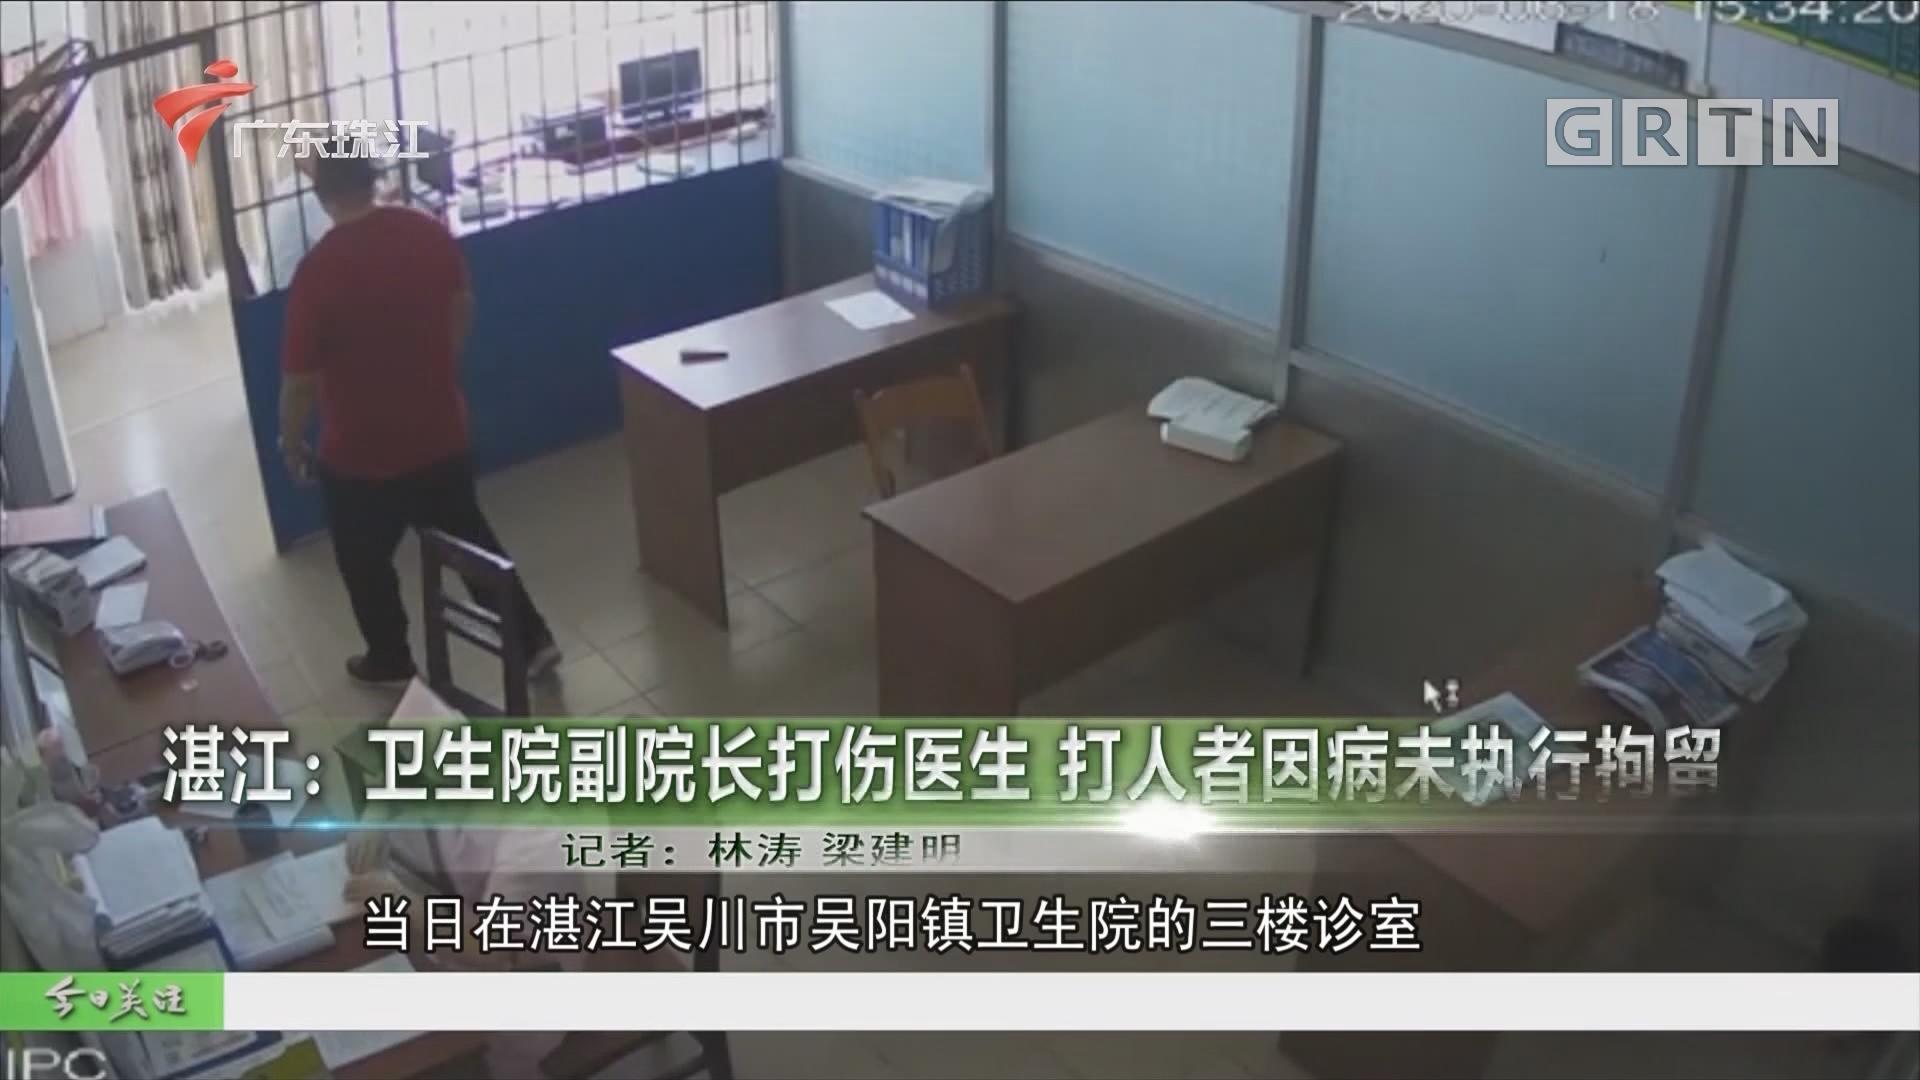 湛江:卫生院副院长打伤医生 打人者因病未执行拘留